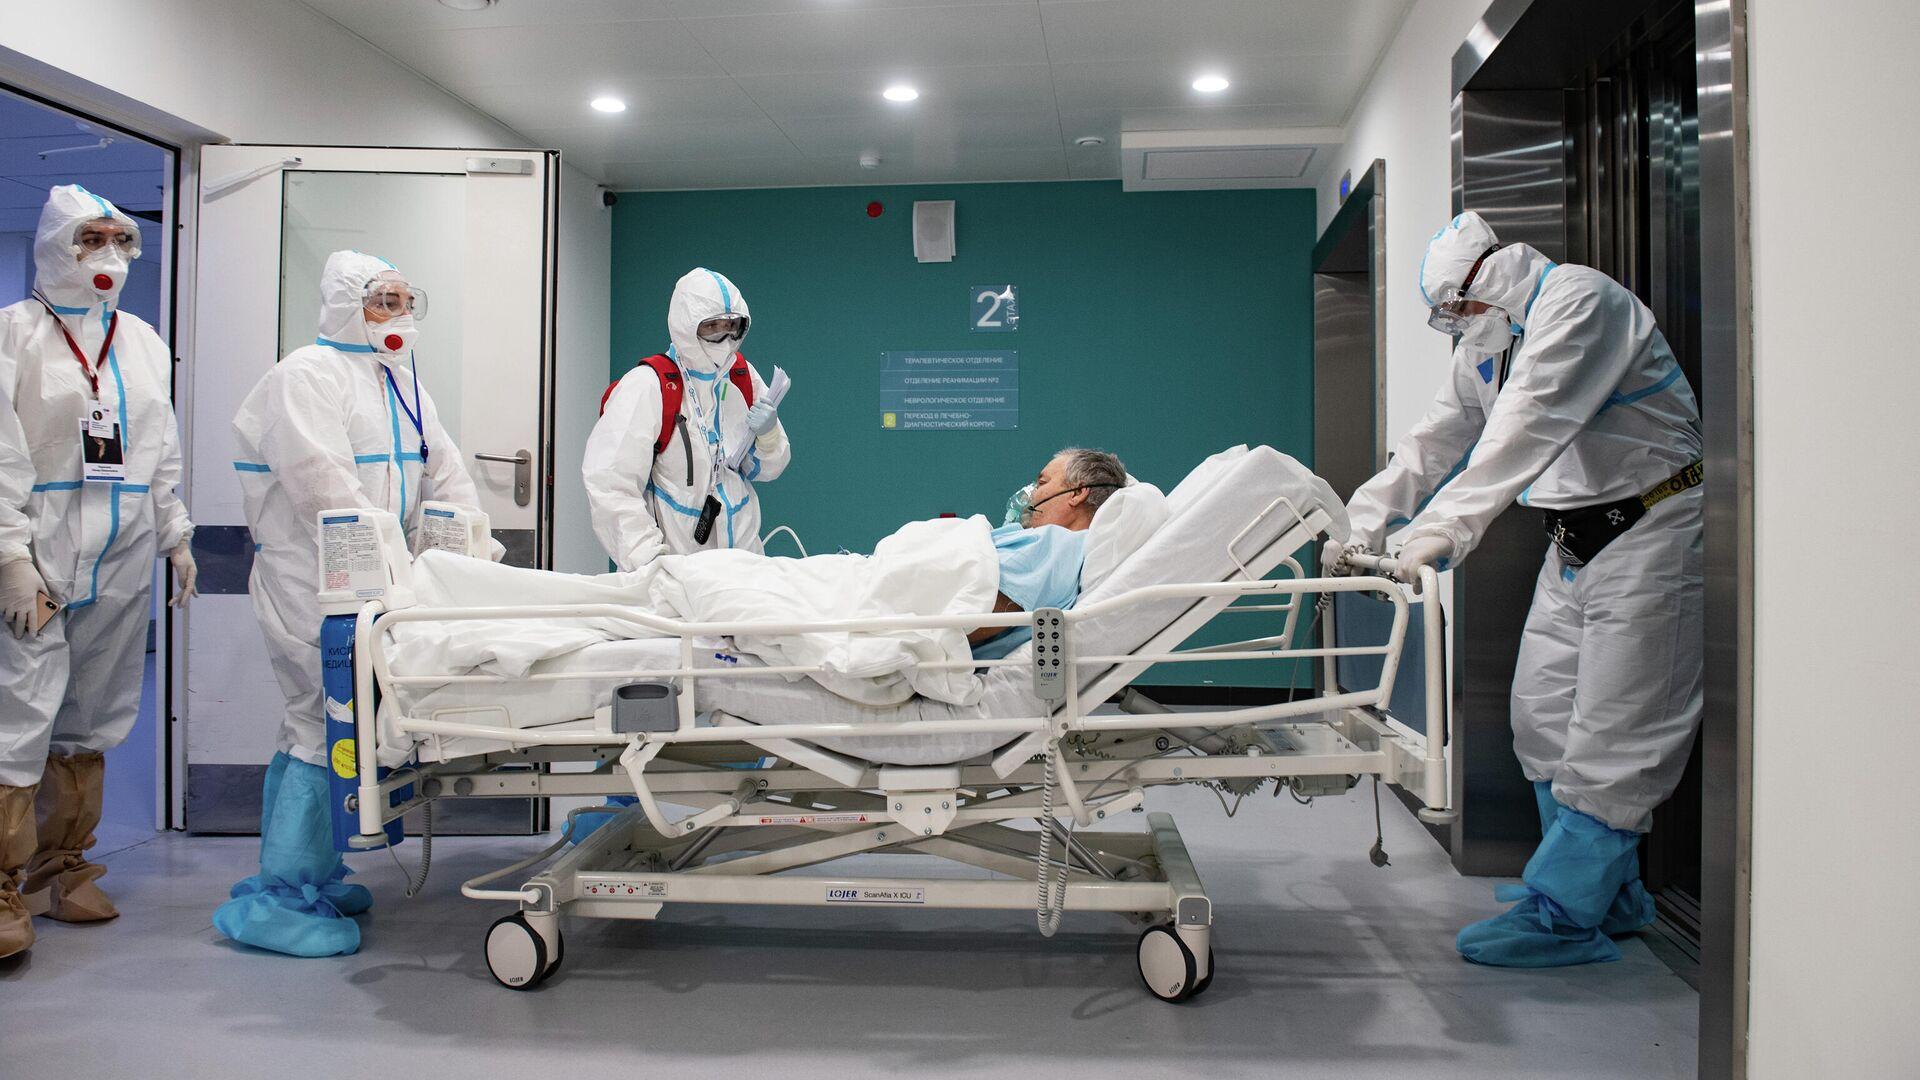 Медработники перевозят пациента в городской клинической больнице №40 в Москве - РИА Новости, 1920, 10.02.2021